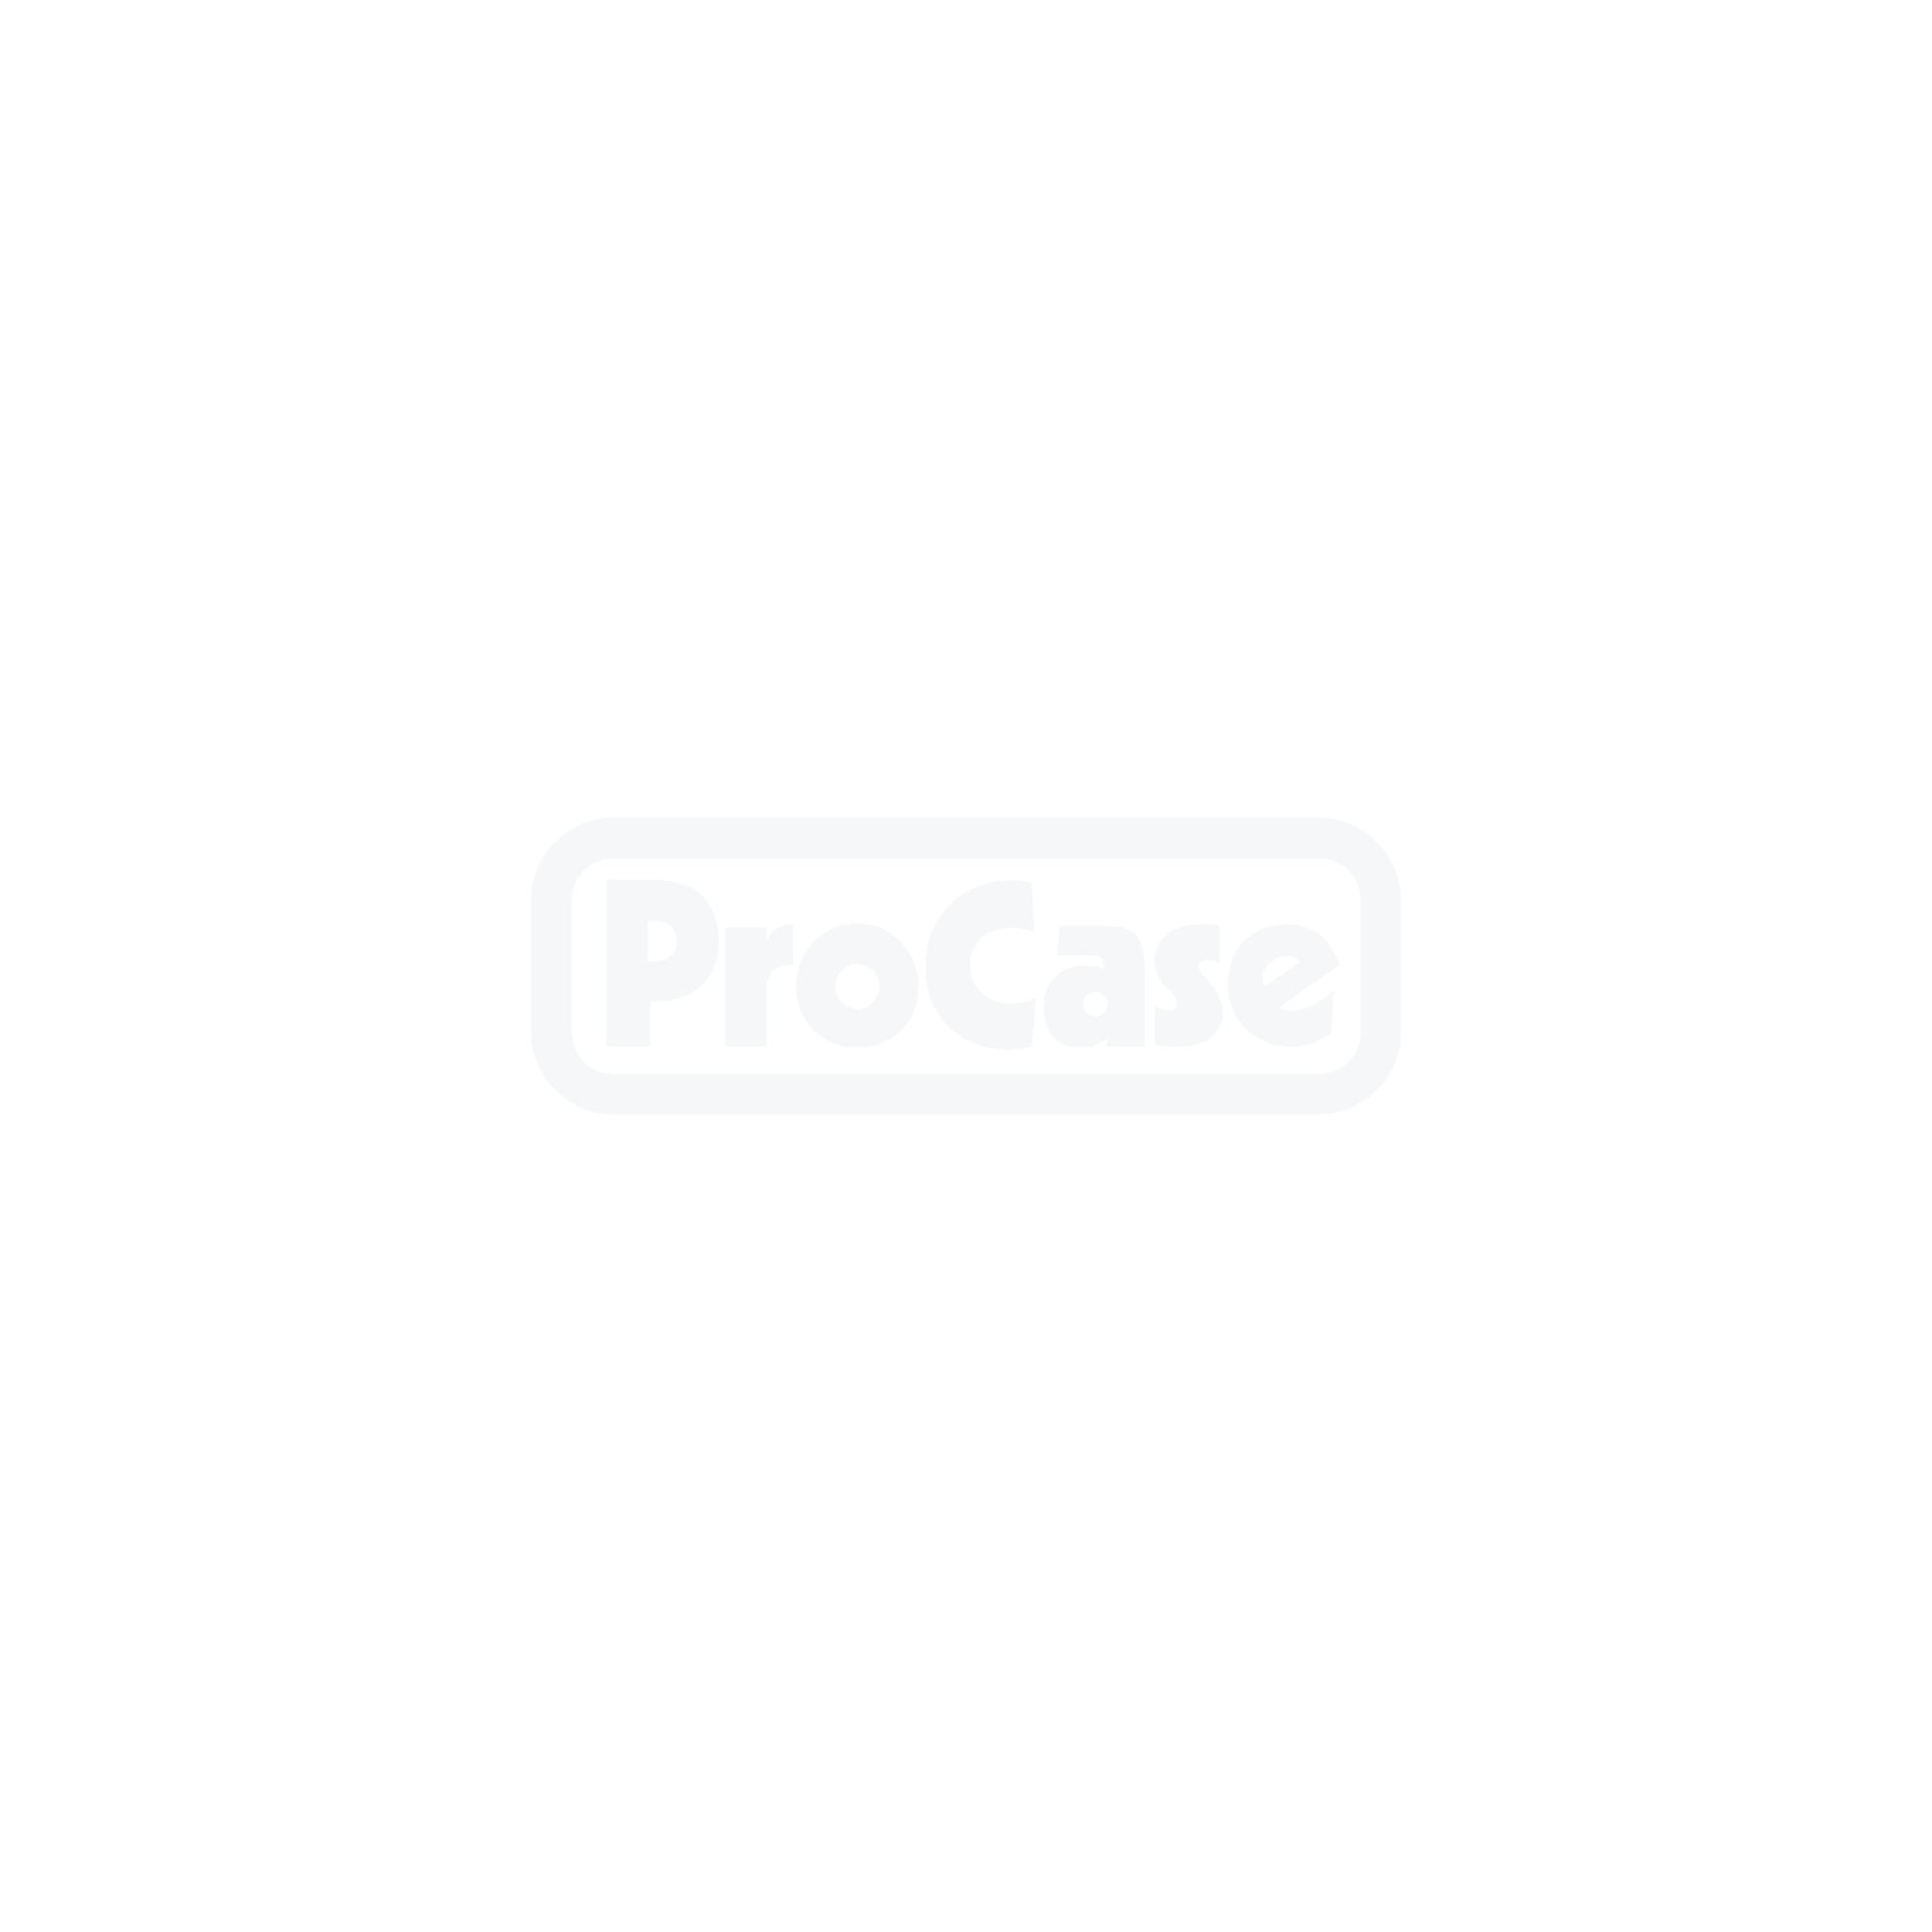 Flightcase für Eiki LC-HDT700 mit Objektivüberstand bis 100mm 3